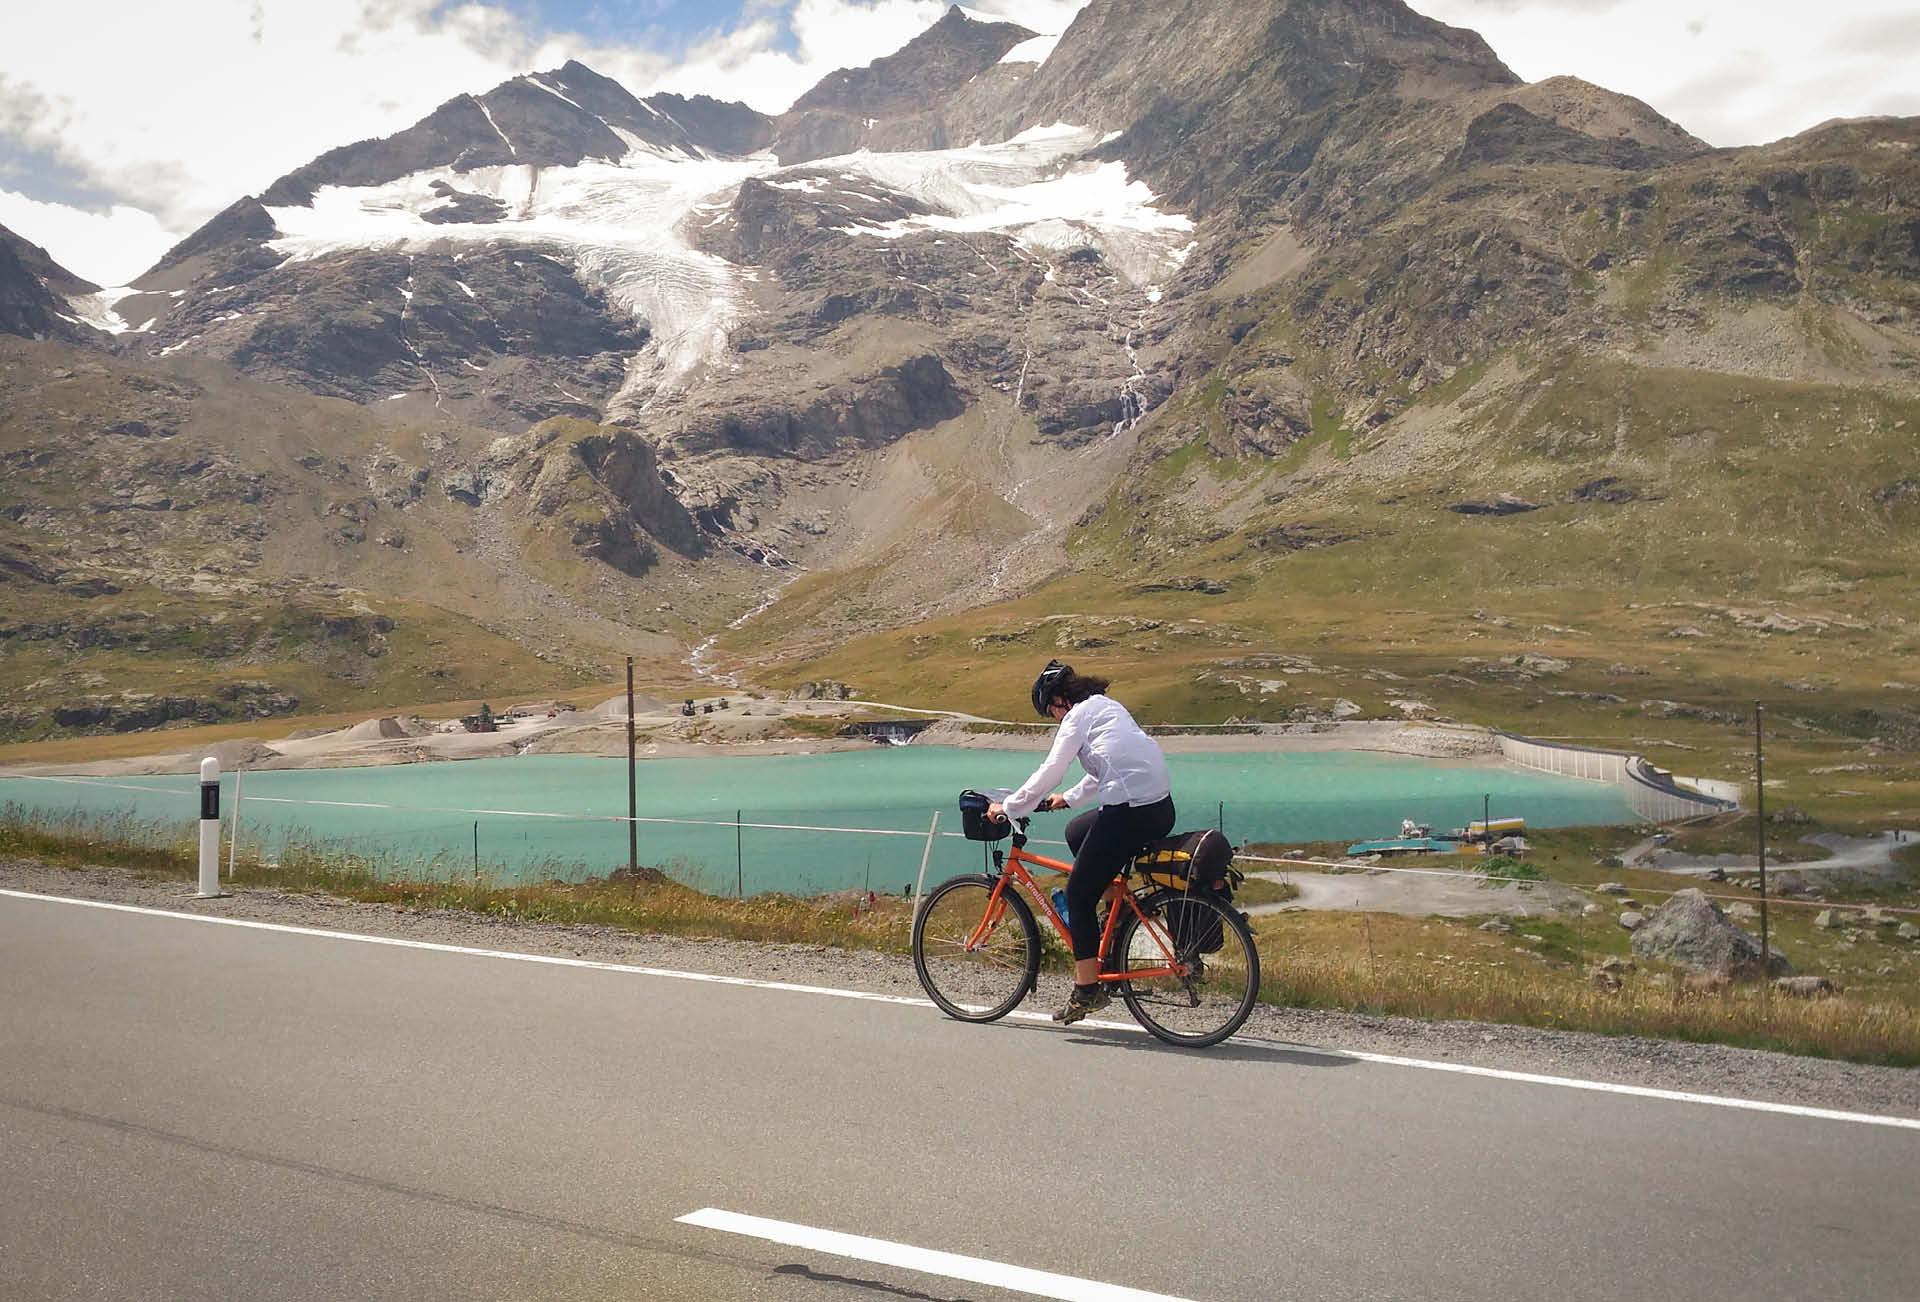 Radtour-schweiz4.jpg